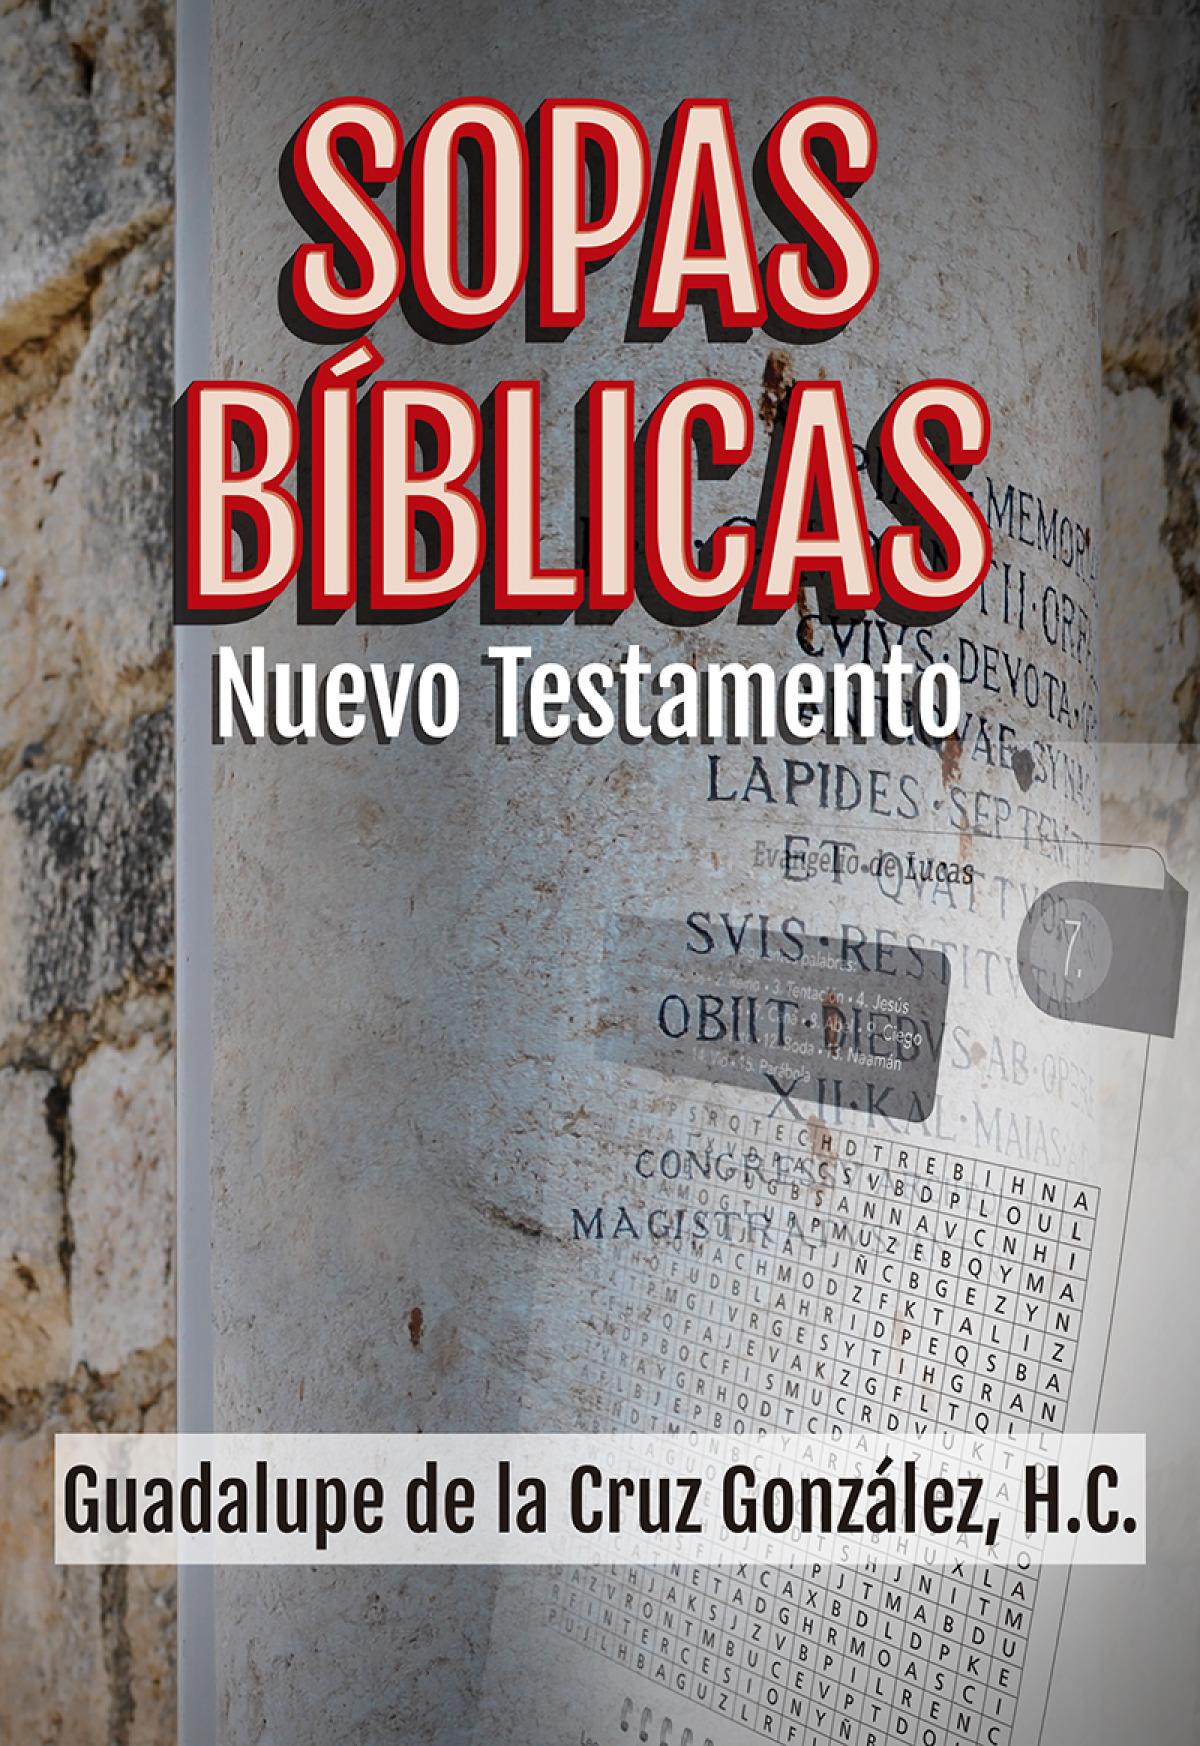 Sopas Bíblicas Nuevo Testamento